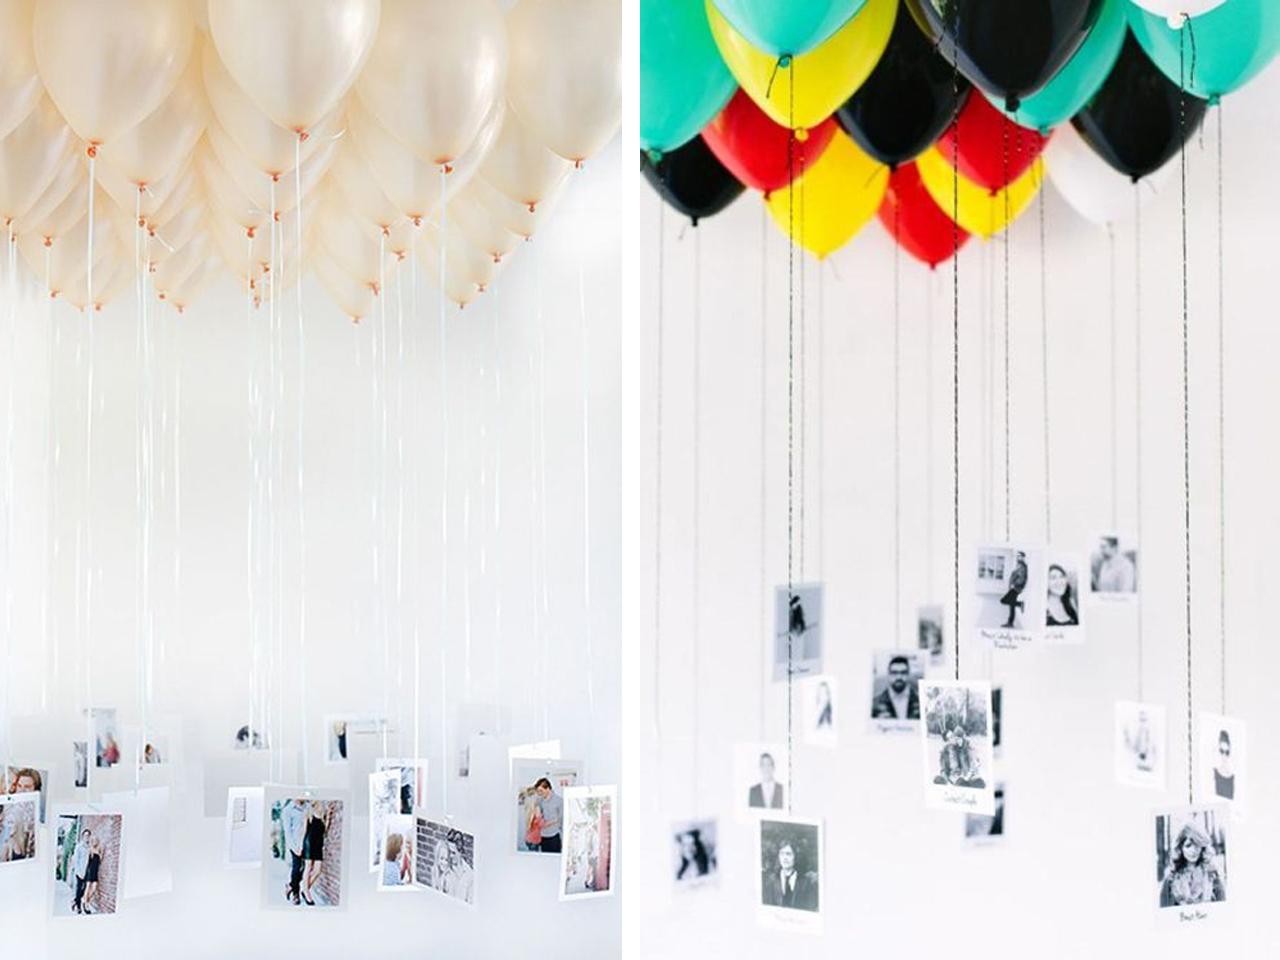 Descubre c mo decorar con globos con estas fant sticas ideas - Fotos para decorar ...